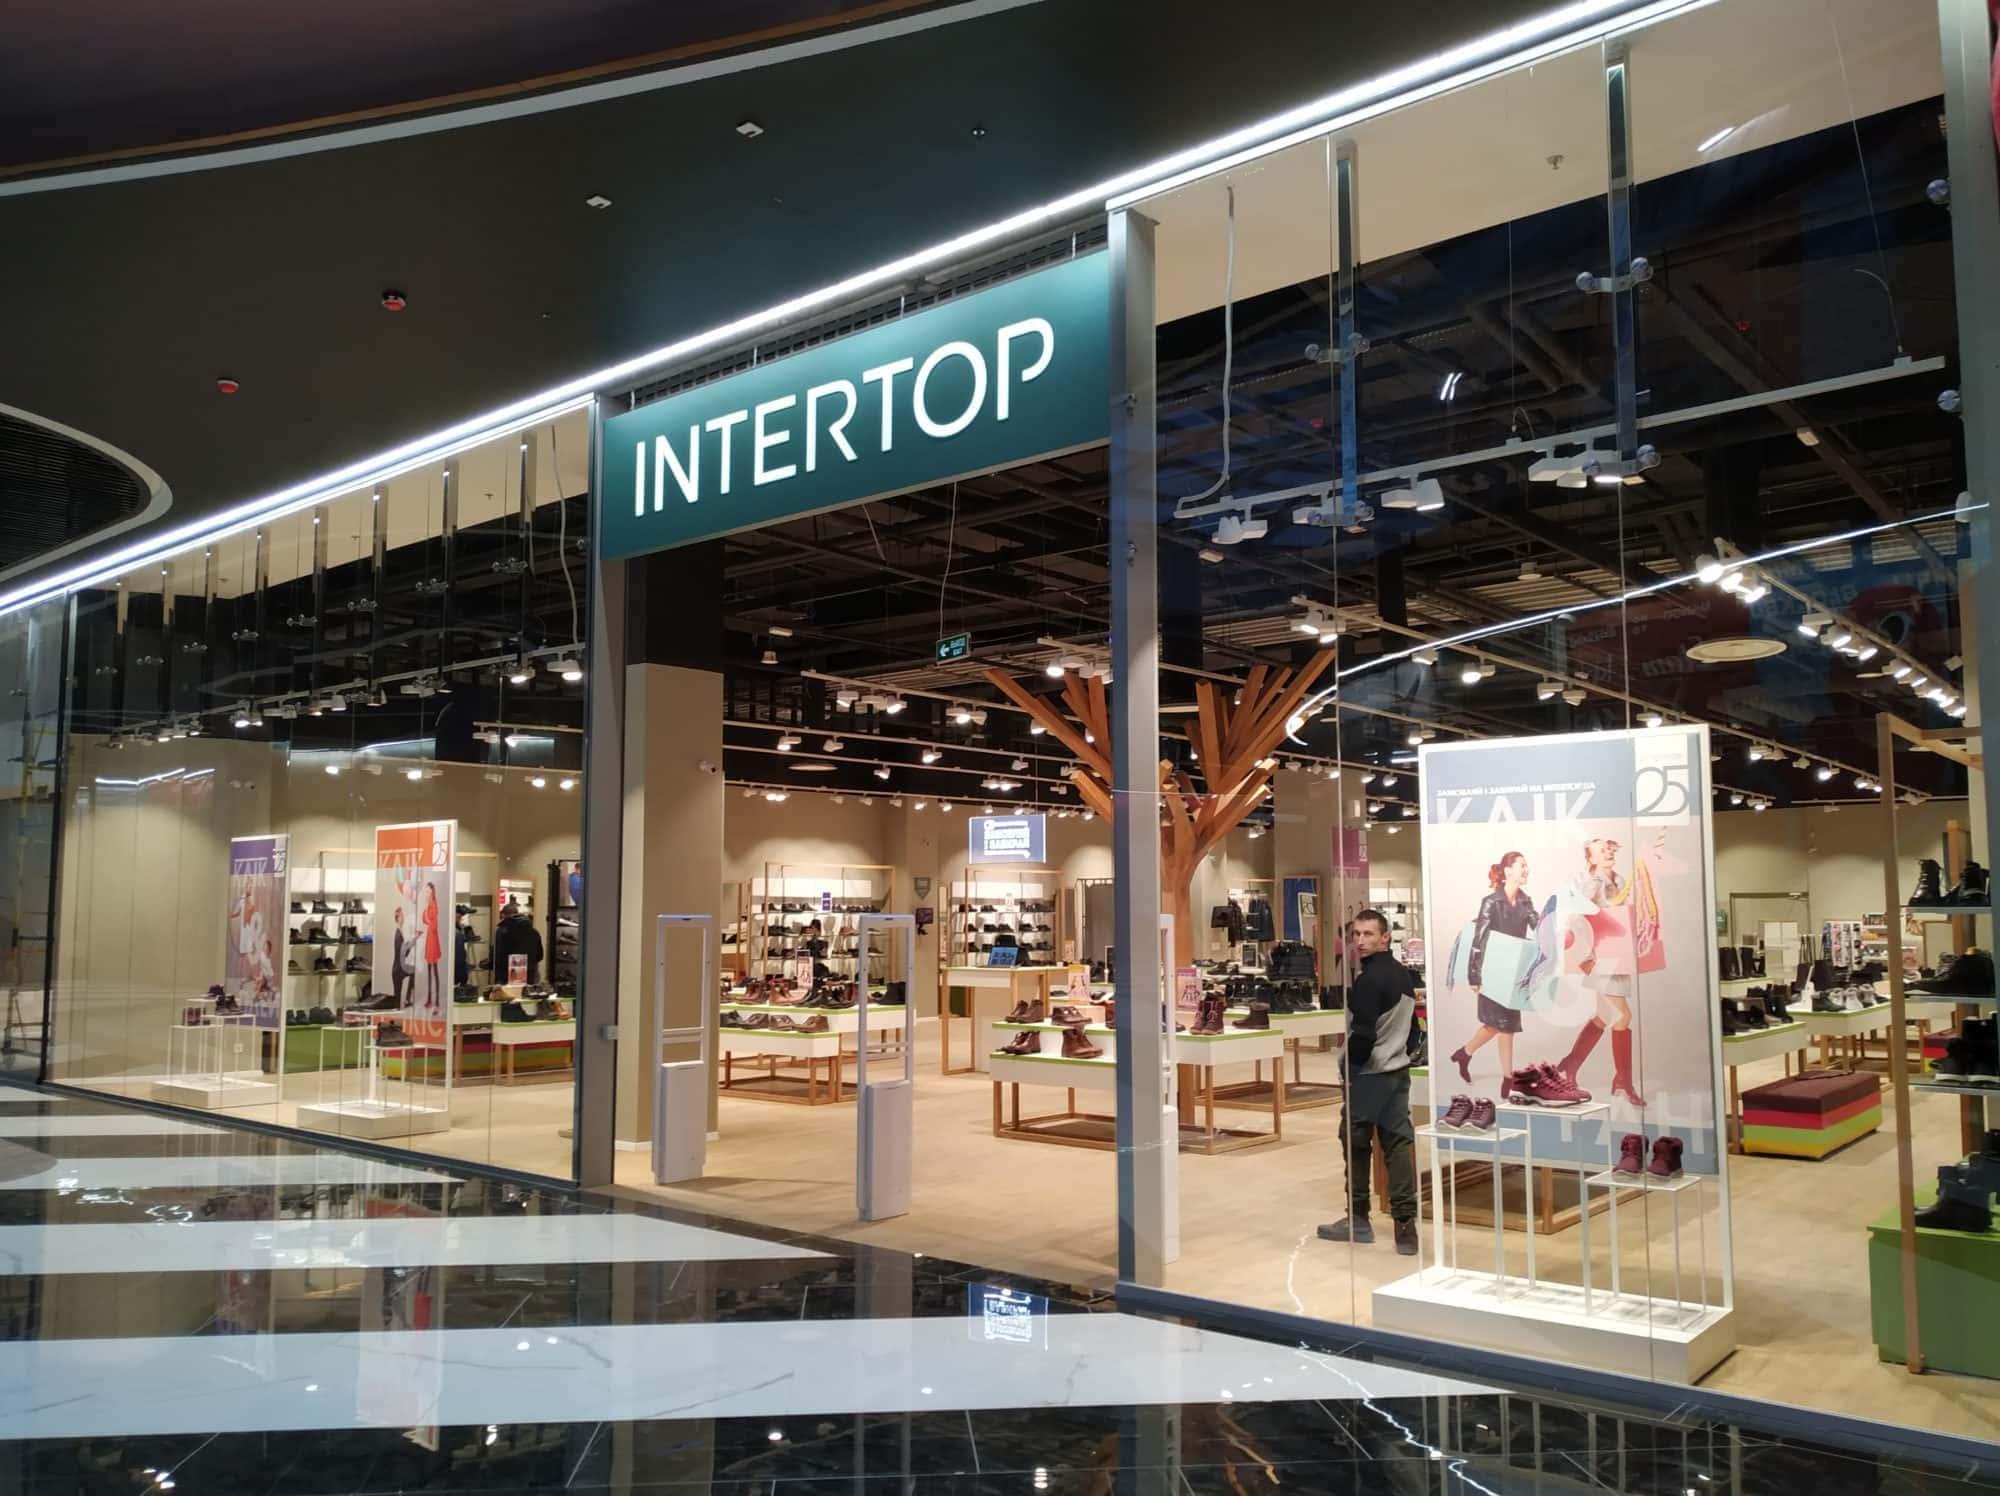 Багато взуття відIntertop: уBlockbuster Mallвідкрився магазин площею 524 кв.м